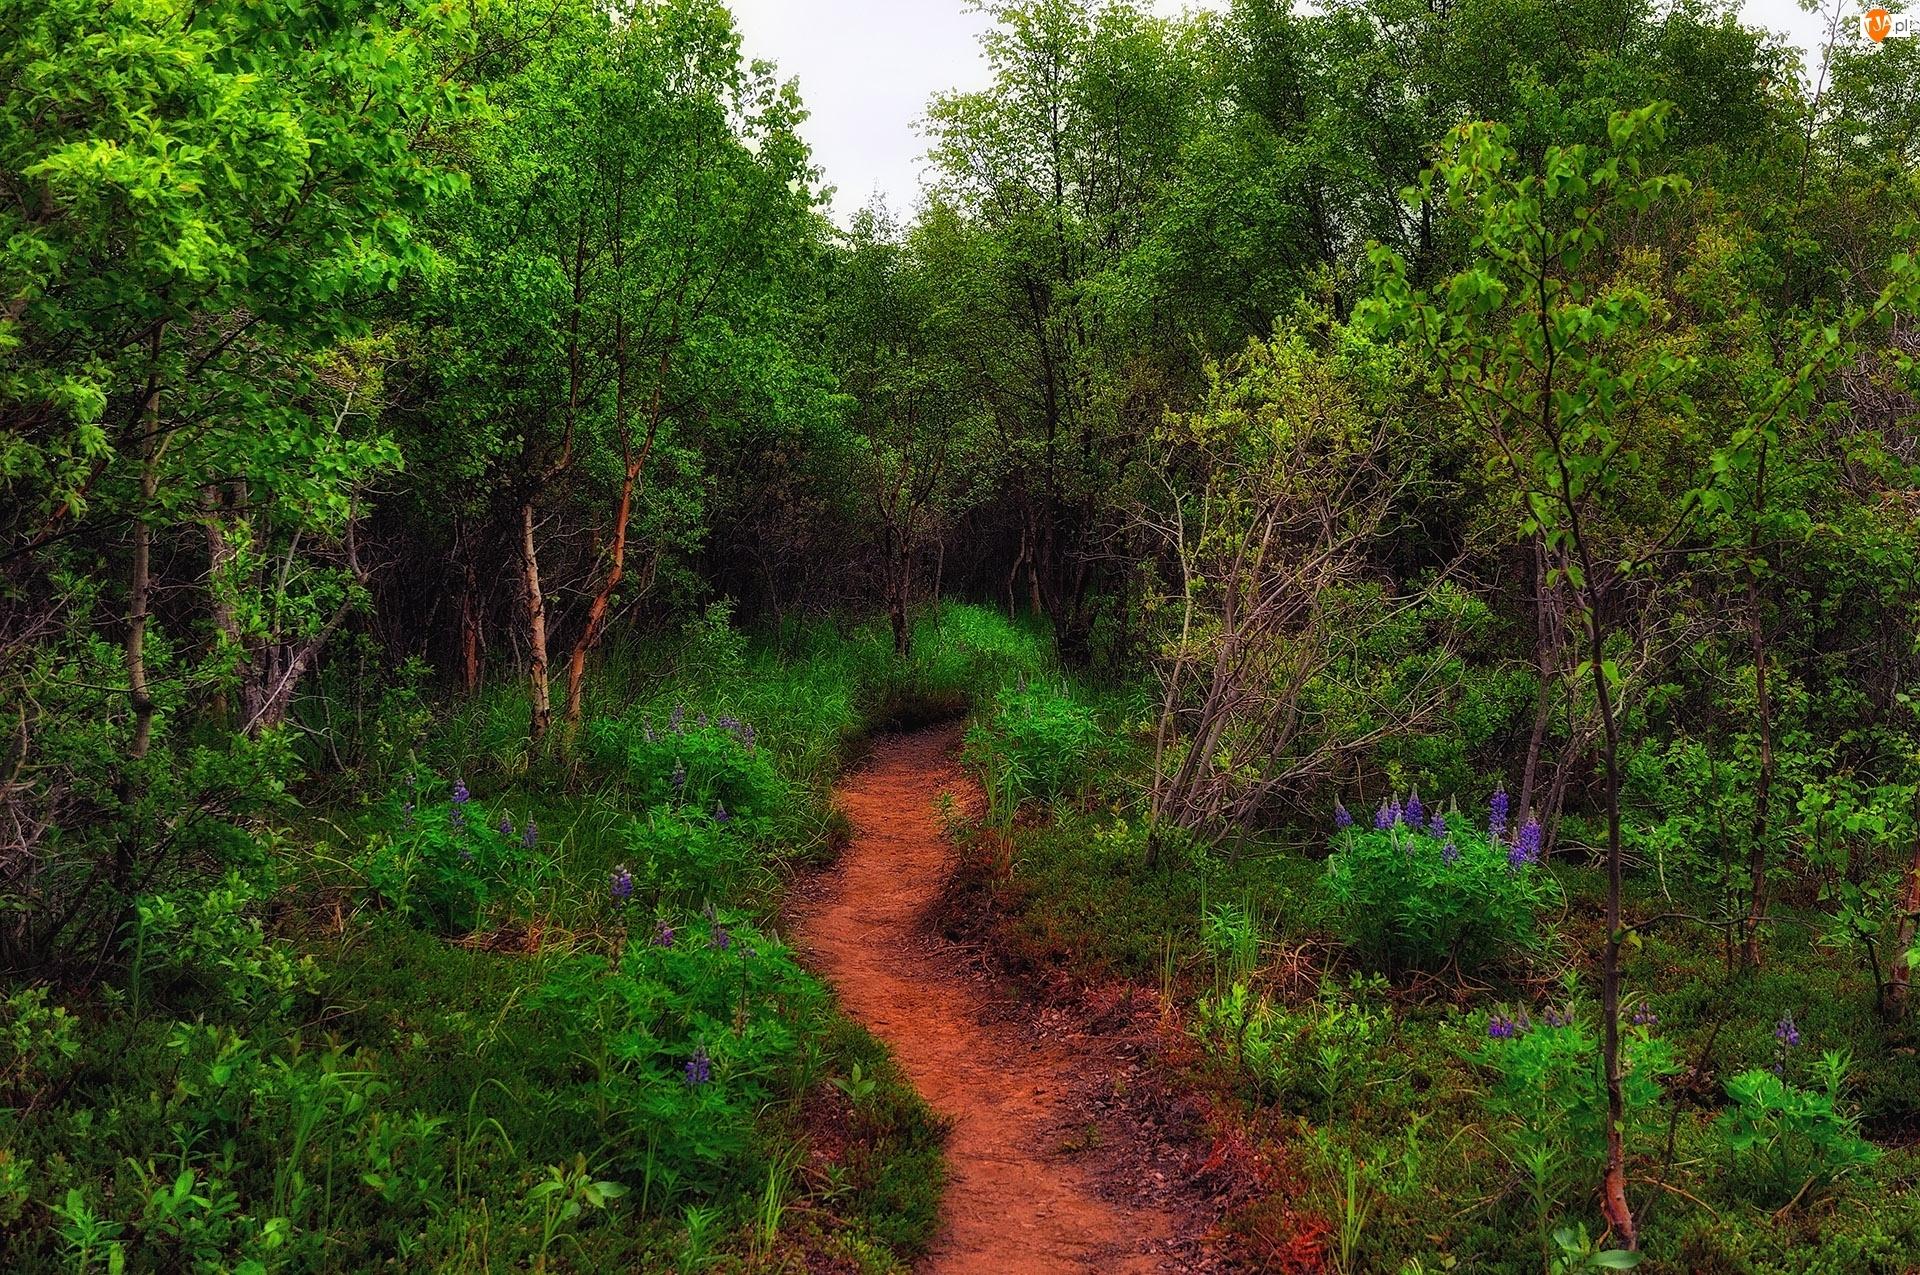 Kwiaty, Las, Ścieżka, Dróżka, Leśne